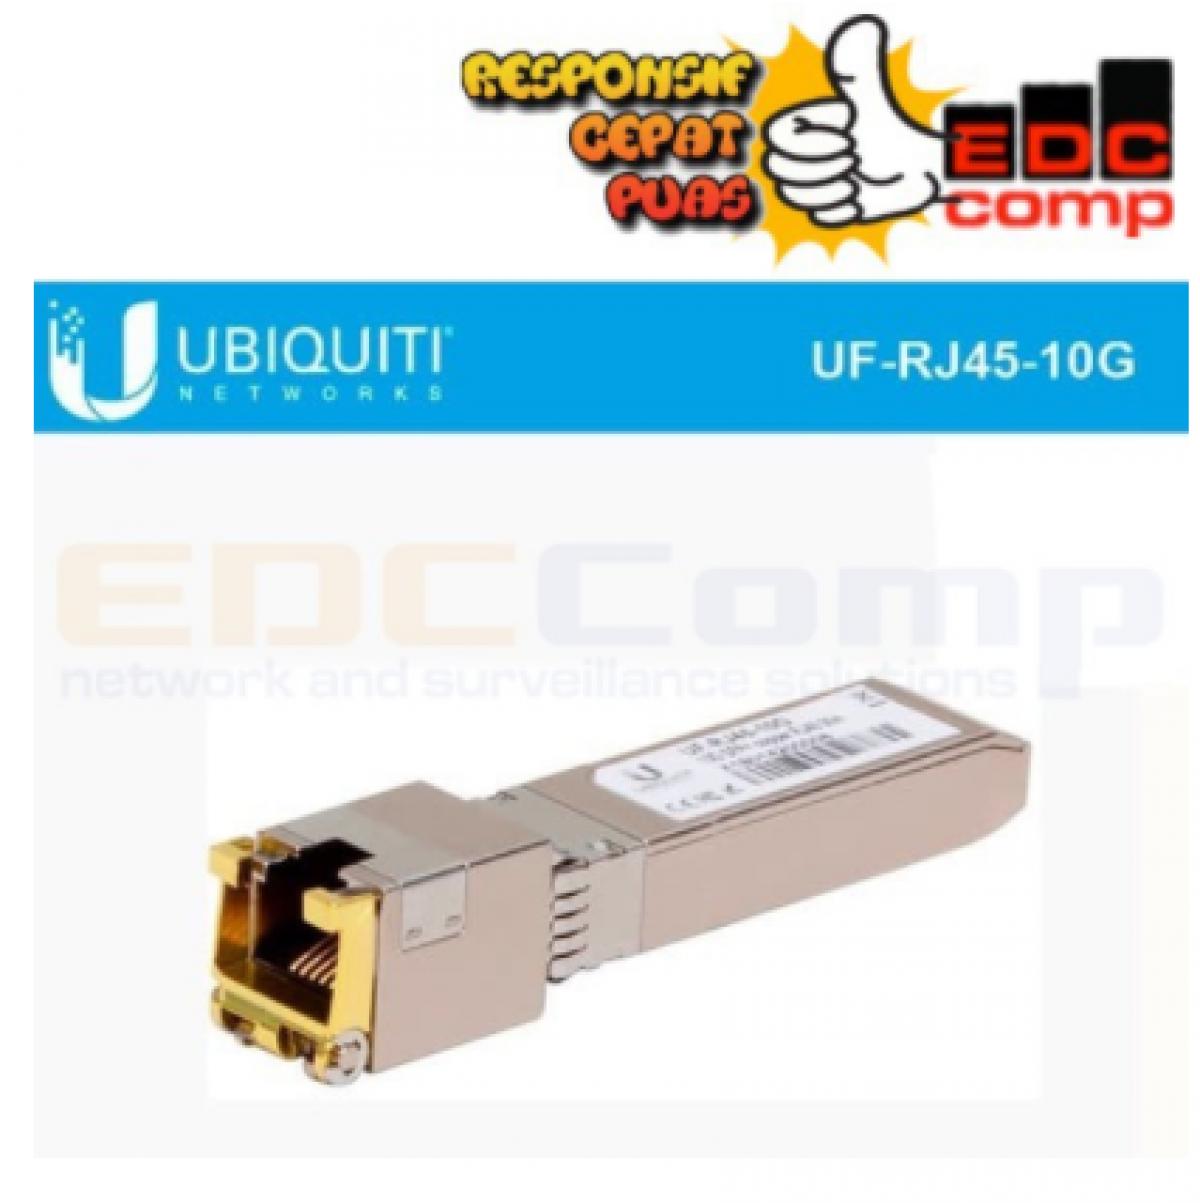 Ubiquiti 10Gbps SFP RJ45 Transceiver UF-RJ45-10G - EdcComp